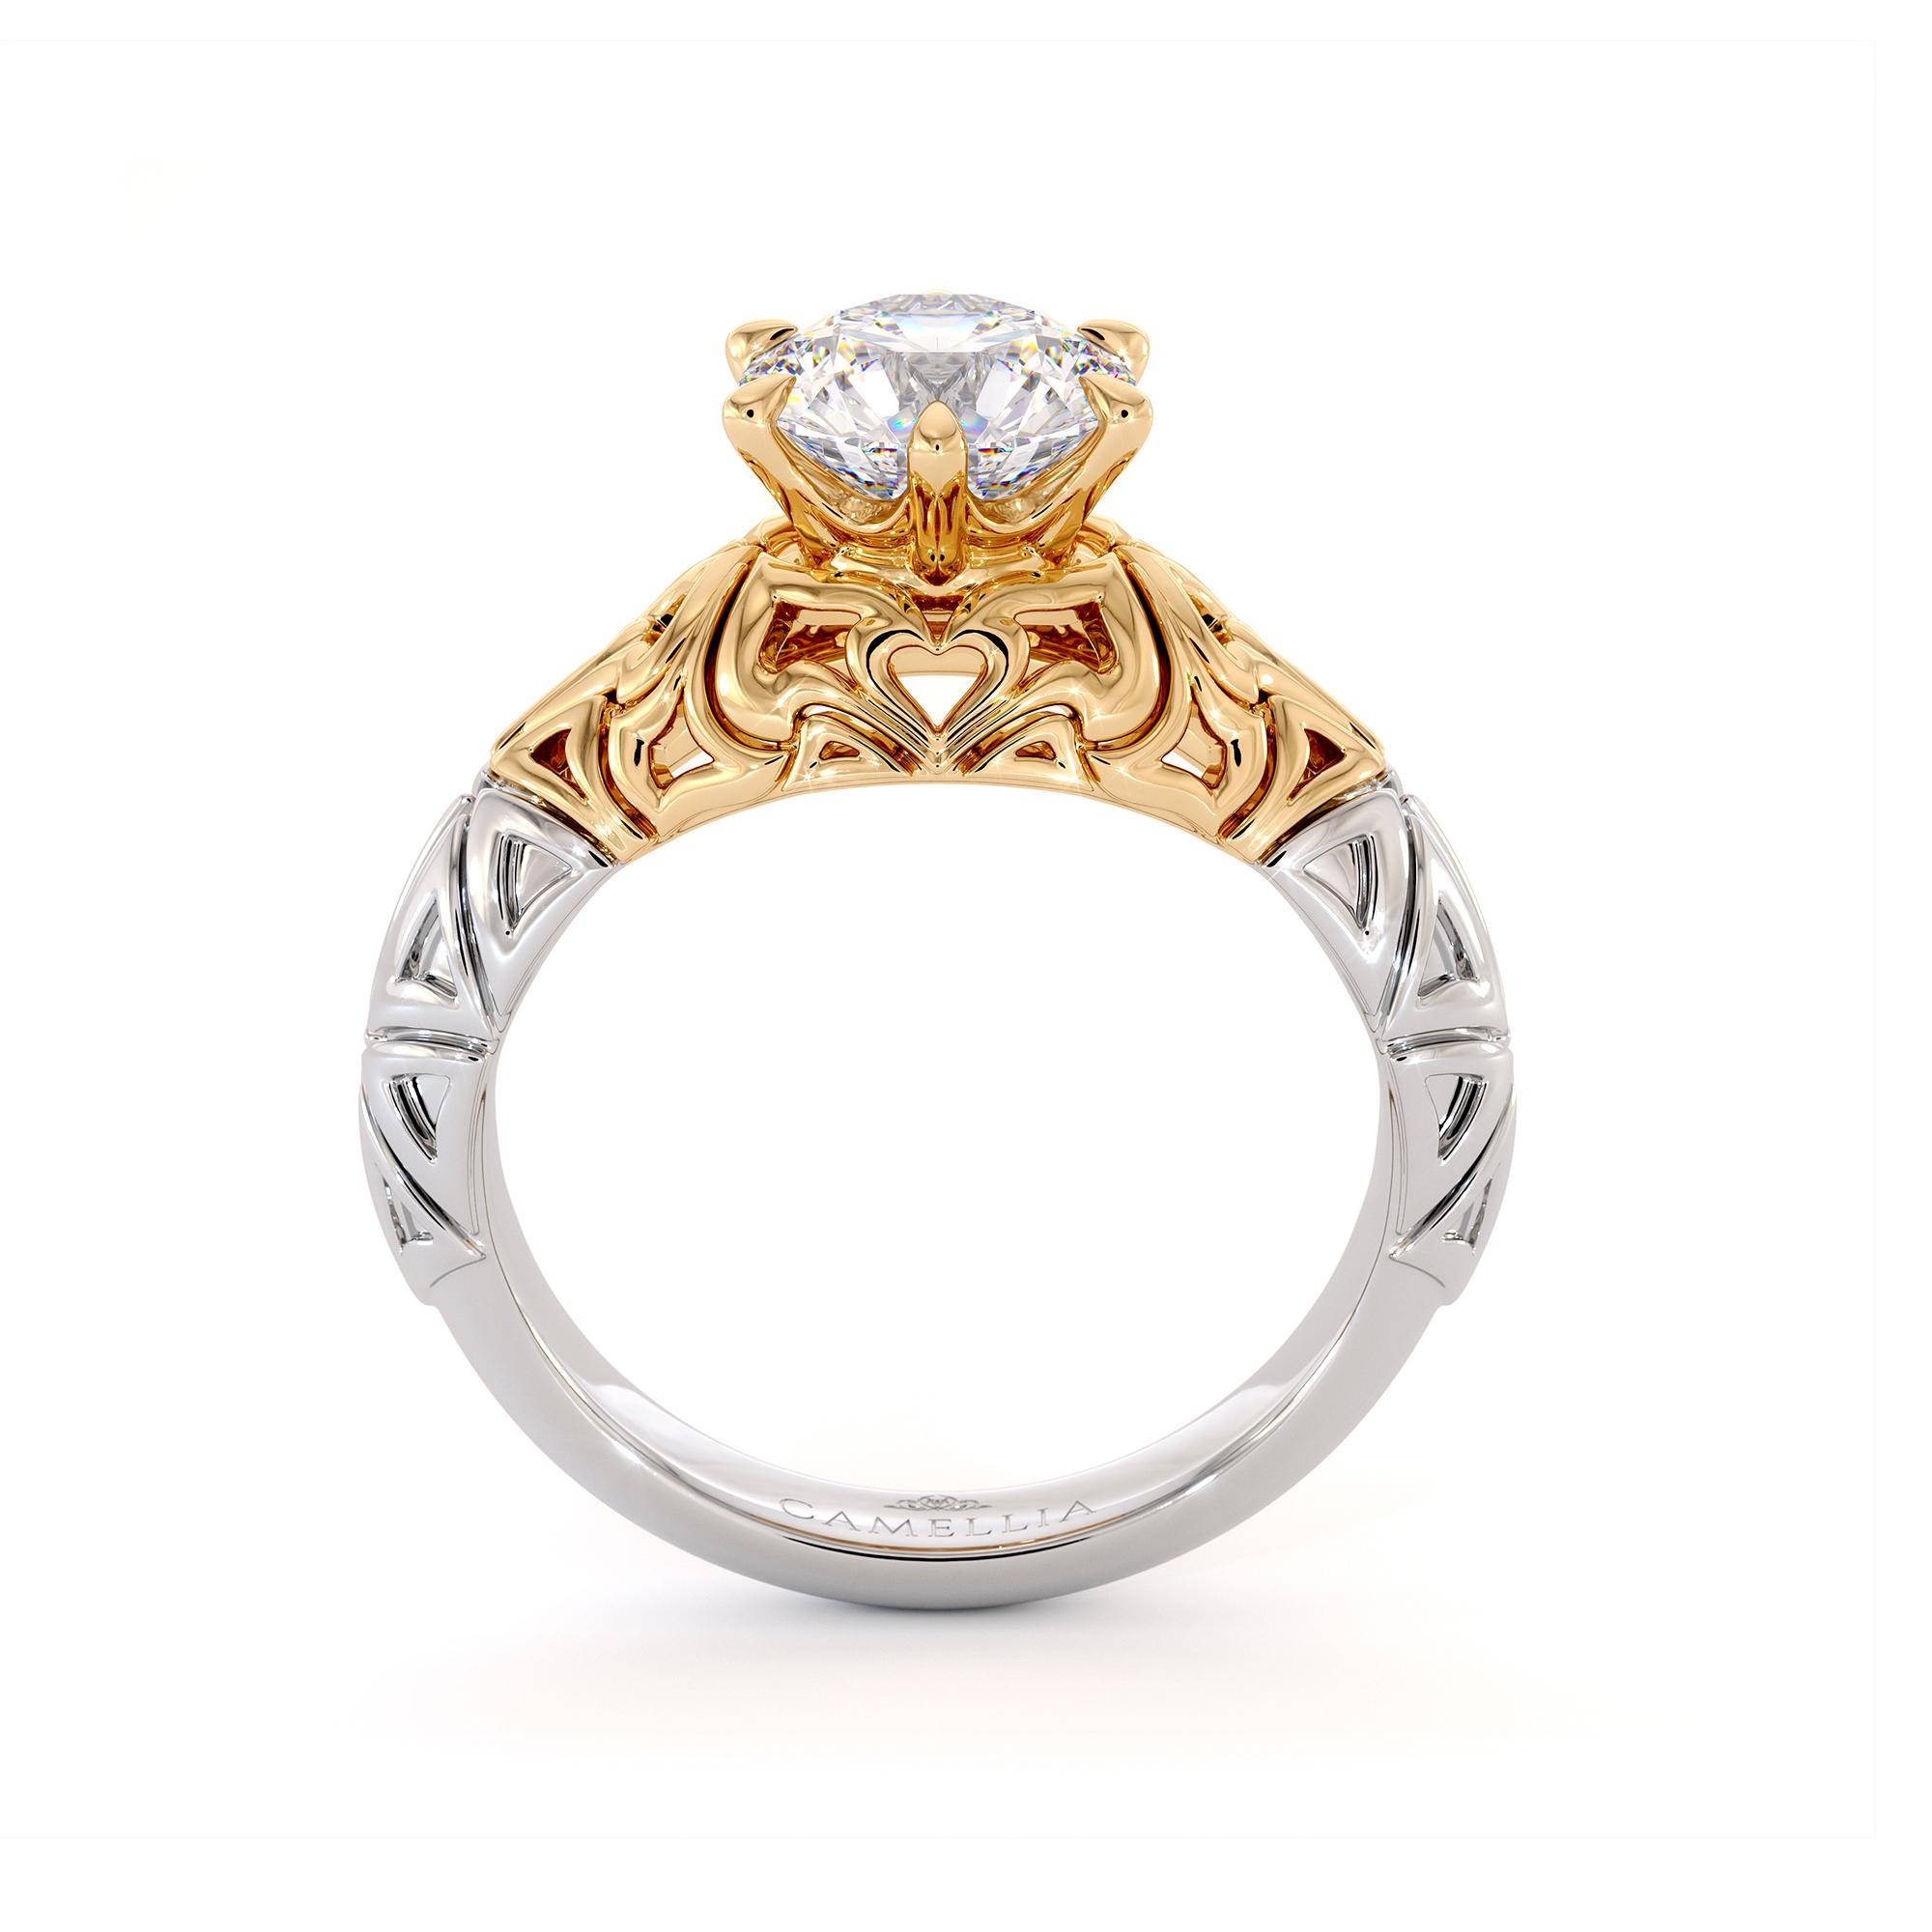 Modern Gold Filigree Engagement Ring Splendid 1.55 Carat Moissanite Engagement Ring